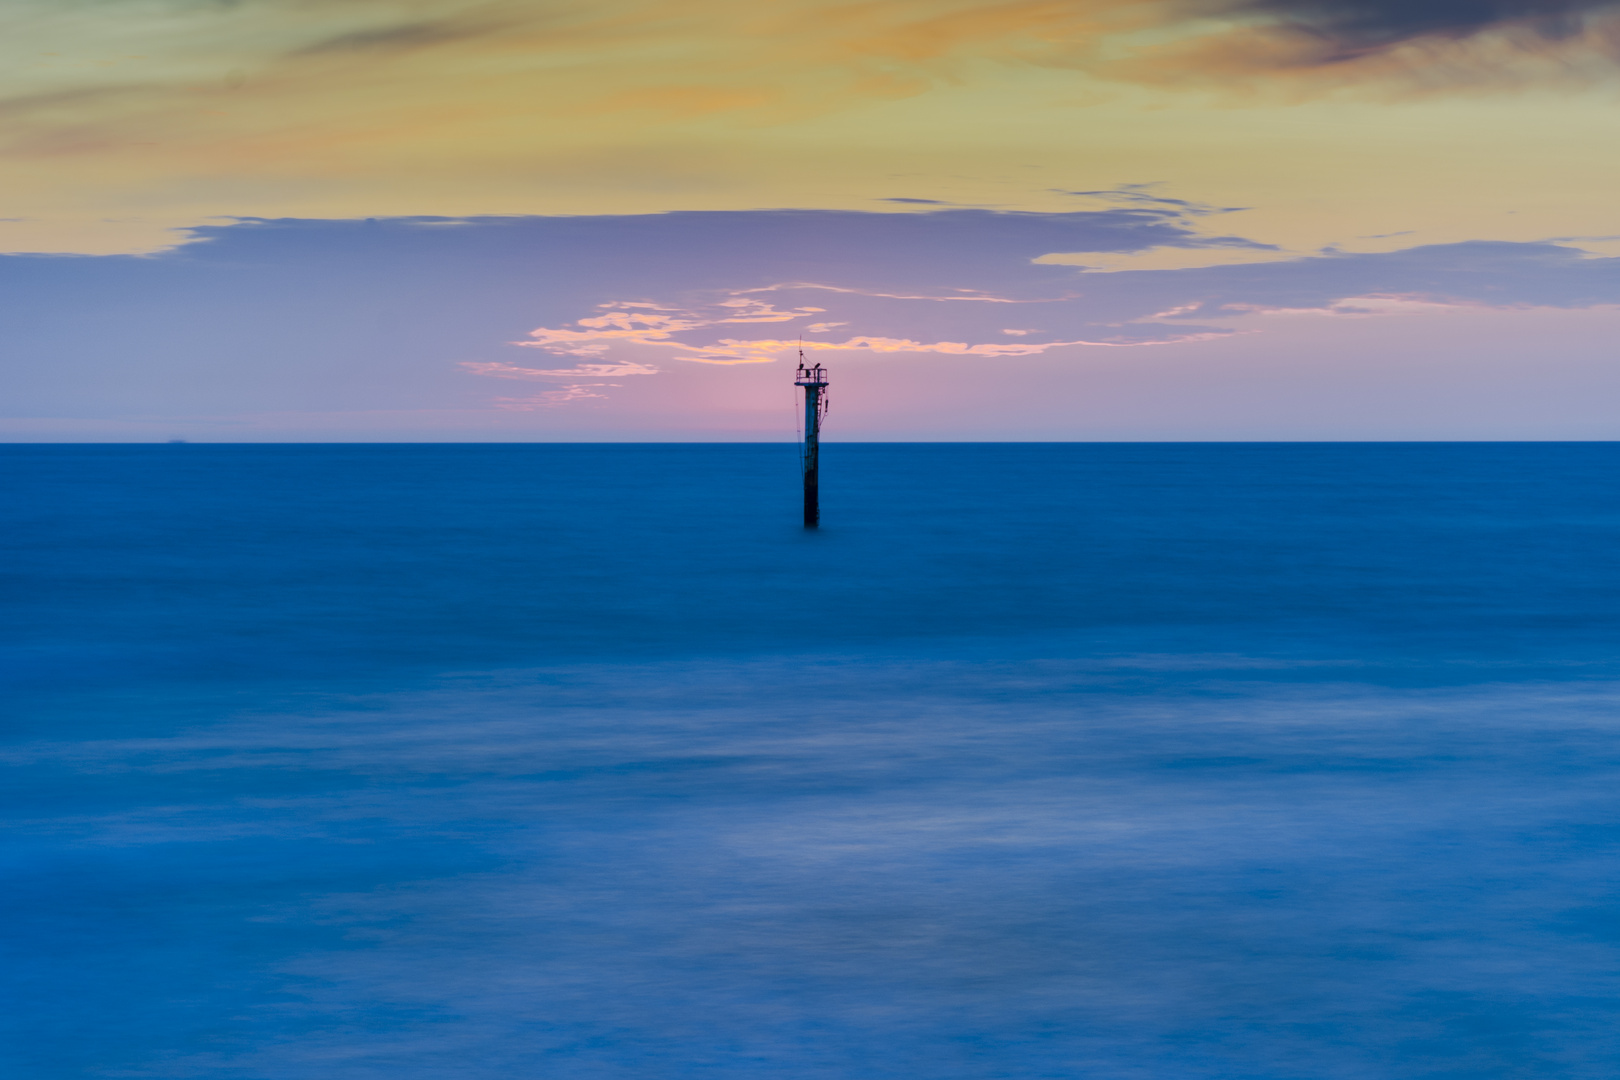 Turm im Meer